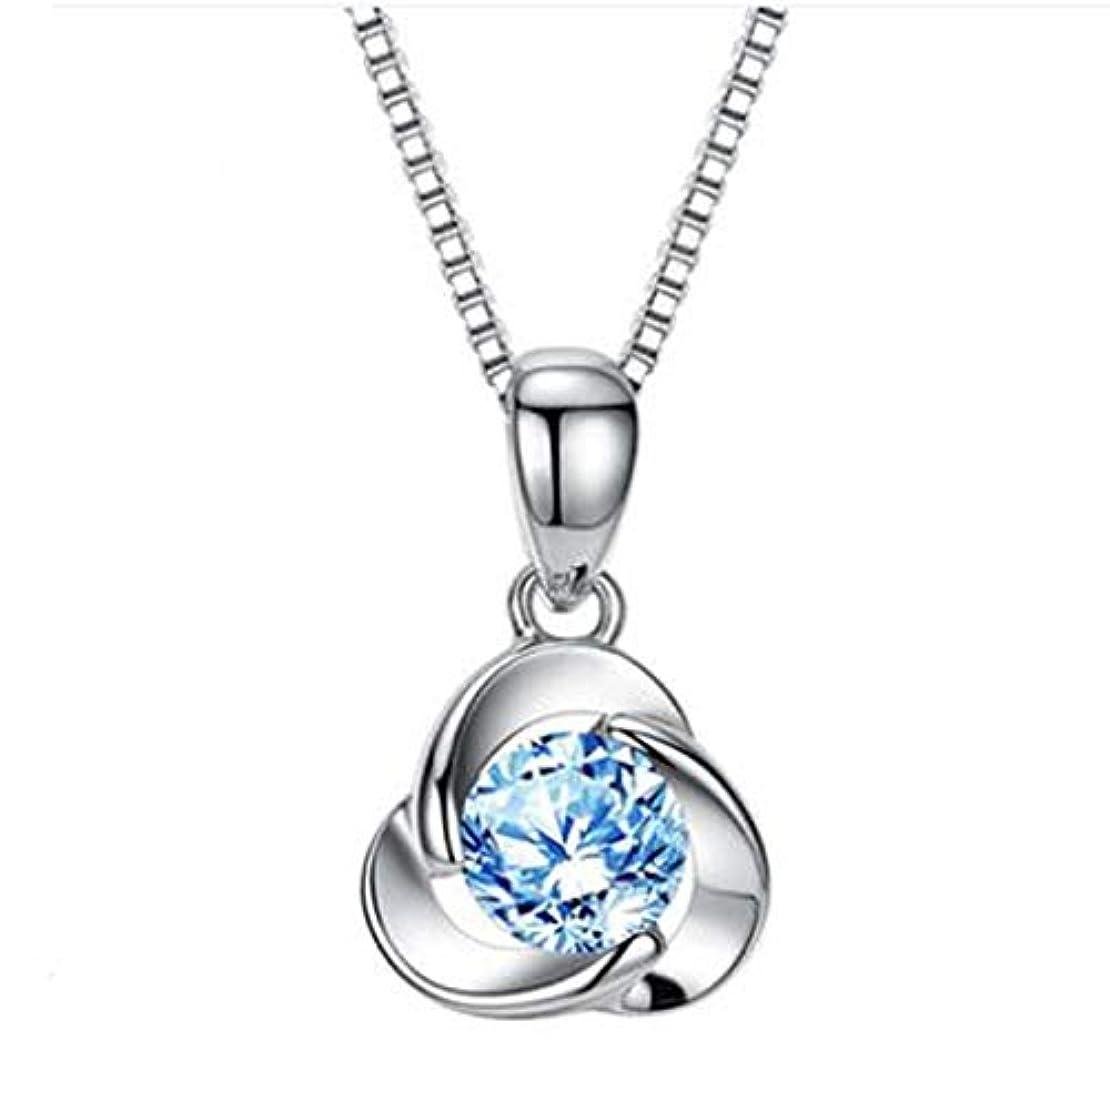 酸海里伝染性Aishanghuayi ガールフレンドの妻の誕生日プレゼントを送る女性実用クリエイティブロマンチックな特別な心小さな贈り物,ファッションオーナメント (Color : Blue)